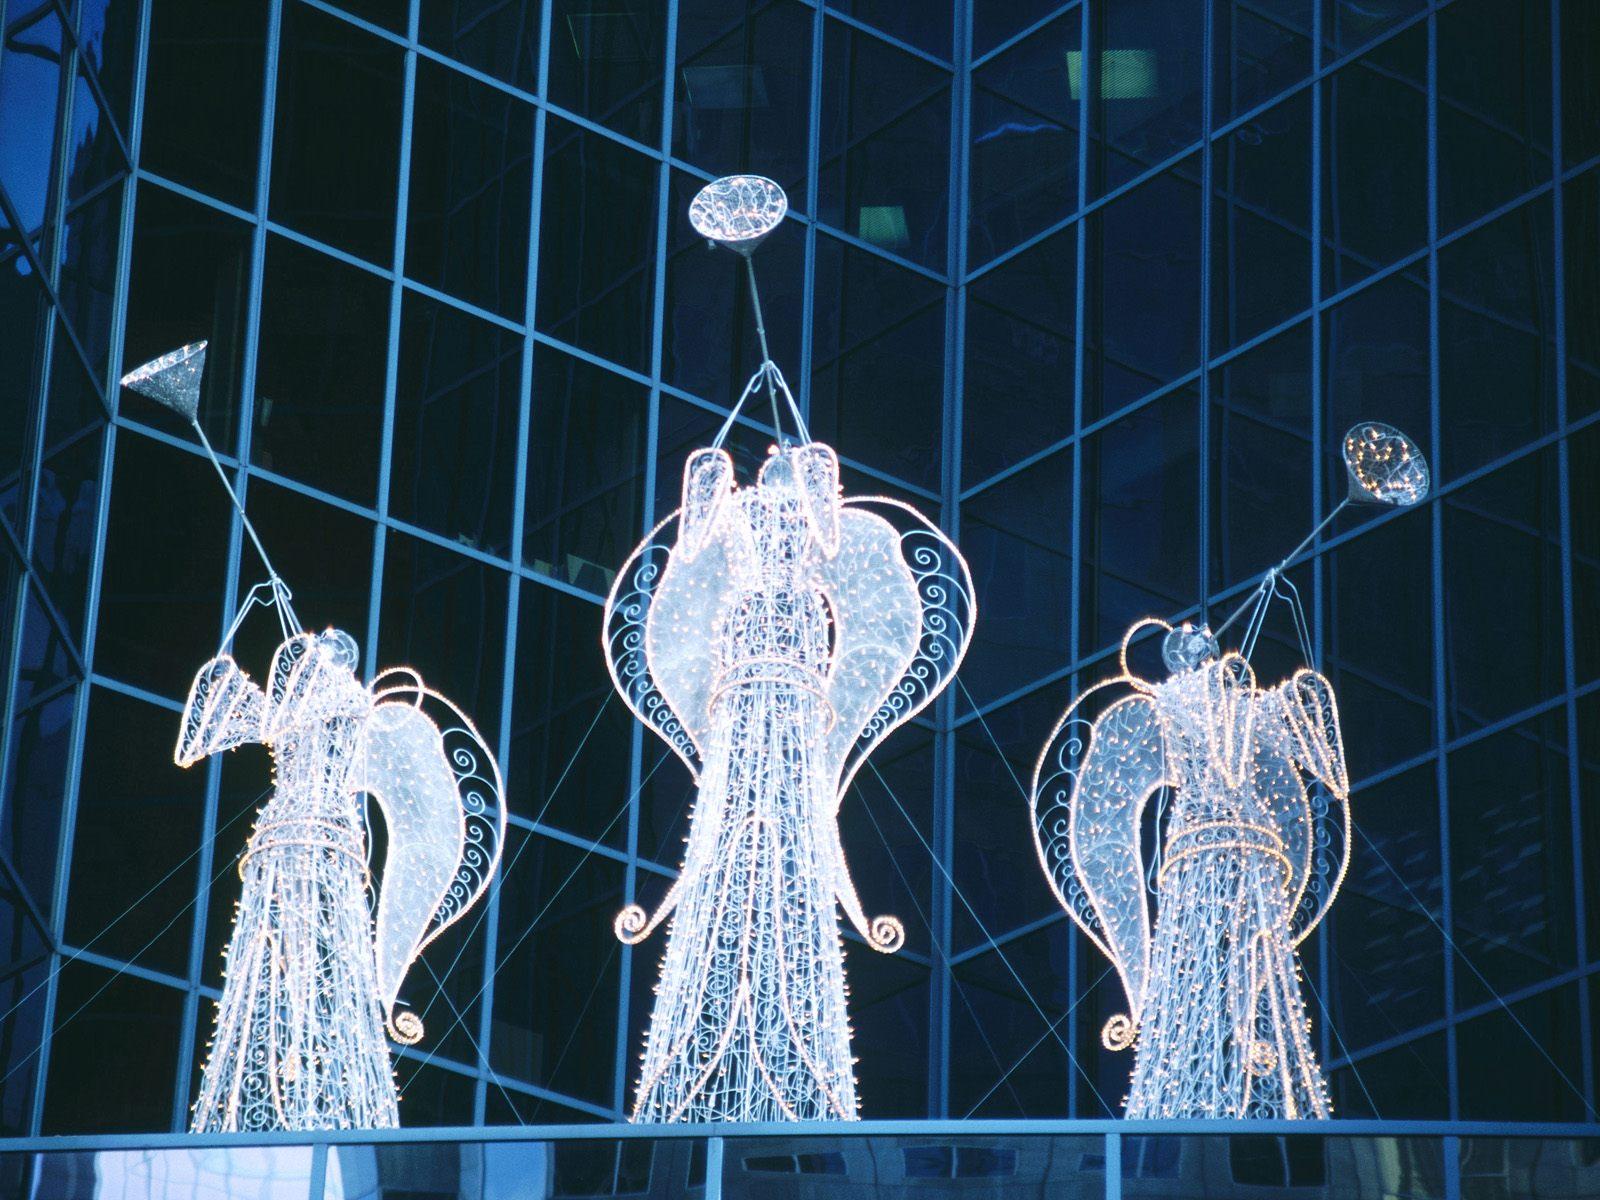 Krásní andělé, kteří nám troubí do dalšího roku.